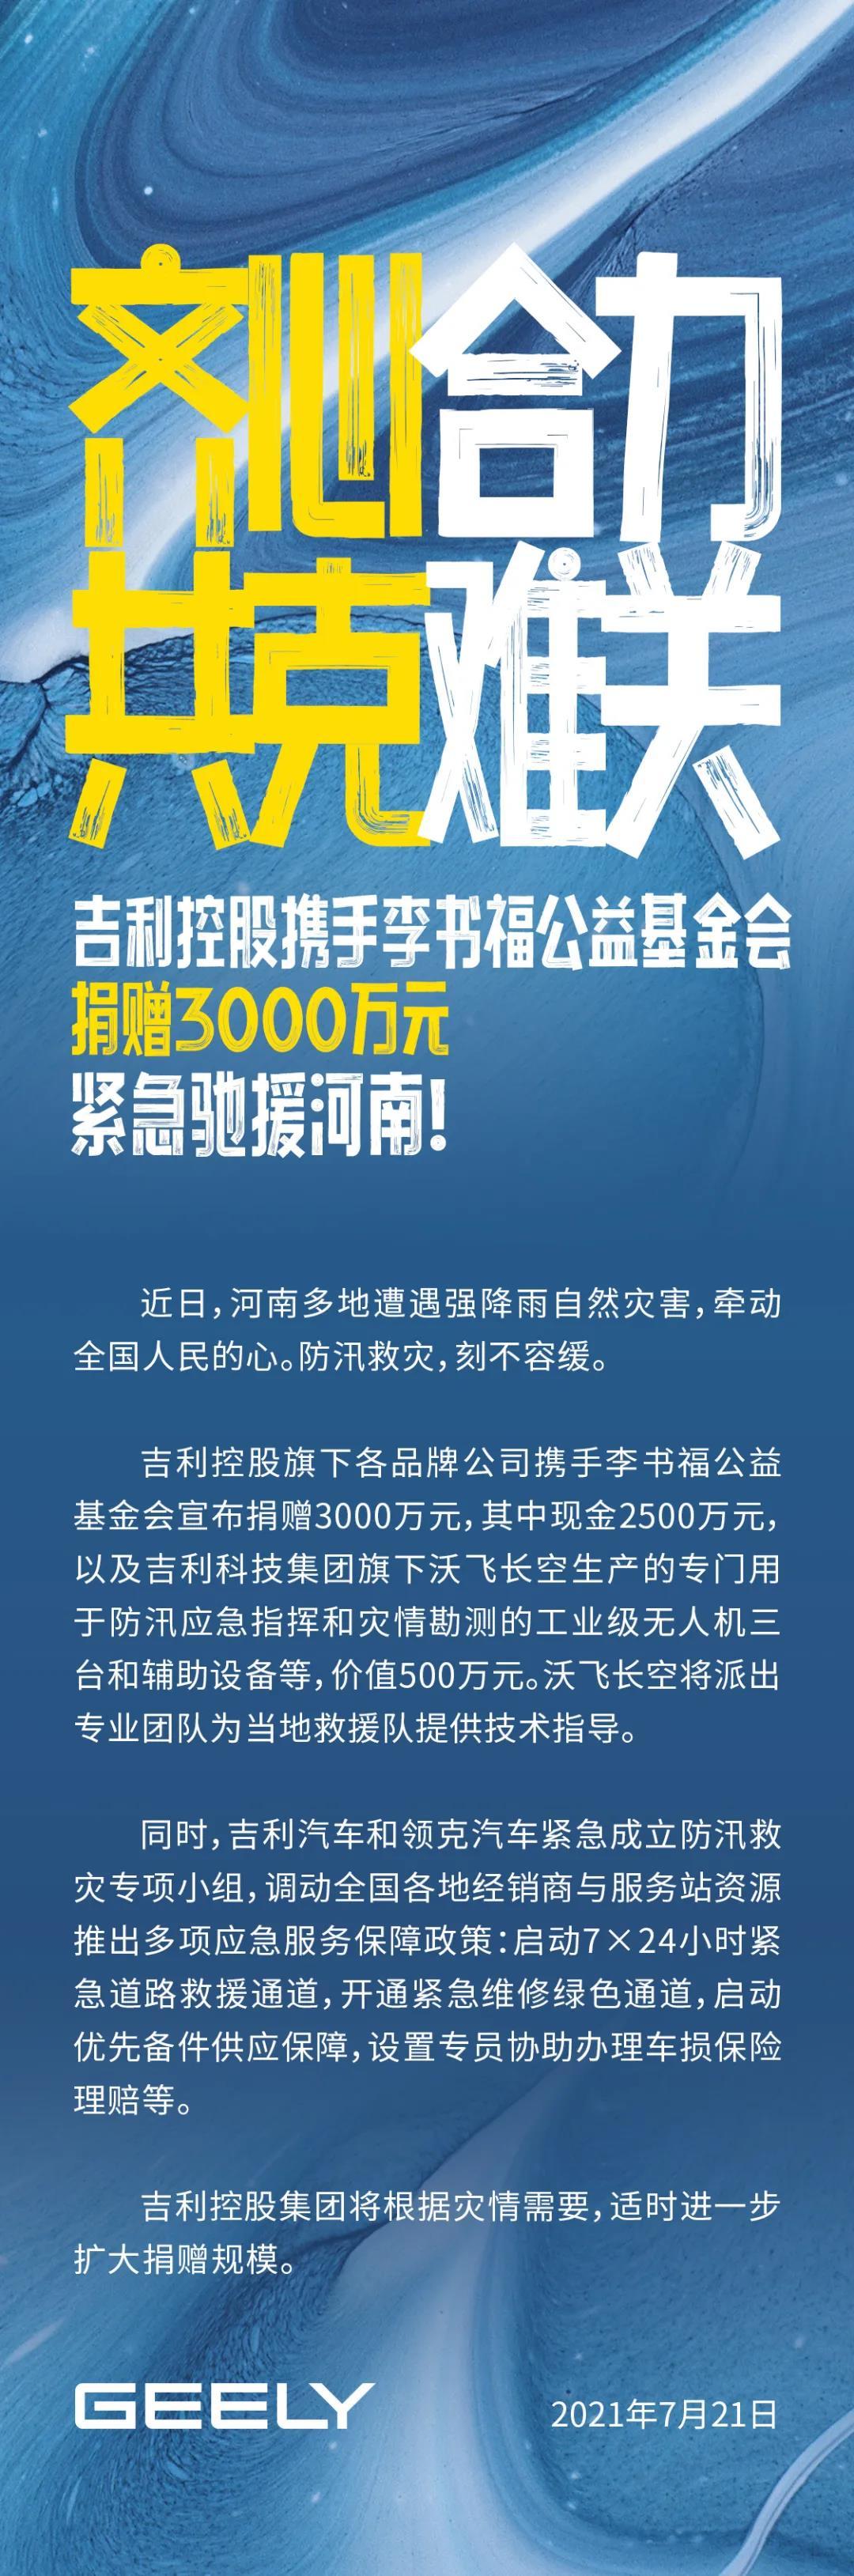 吉利控股携手李书福公益基金会捐赠3000万元,紧急驰援河南